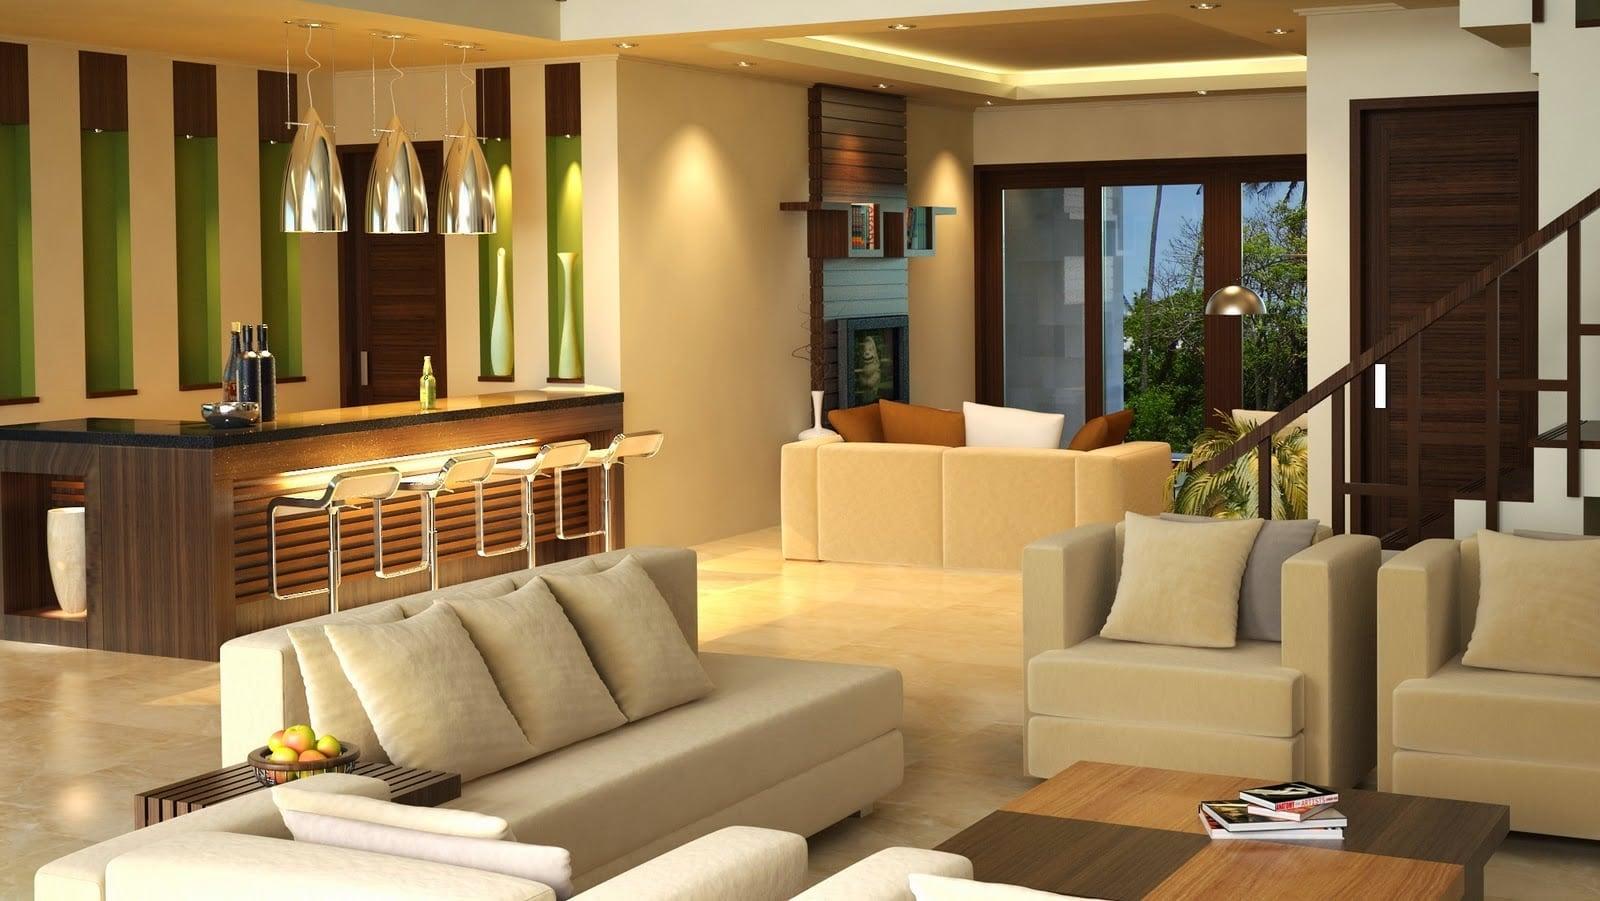 Luxurius Desain Rumah Minimalis Tanpa Sekat 58 Dengan Tambahan Ide Dekorasi Rumah oleh Desain Rumah Minimalis Tanpa Sekat